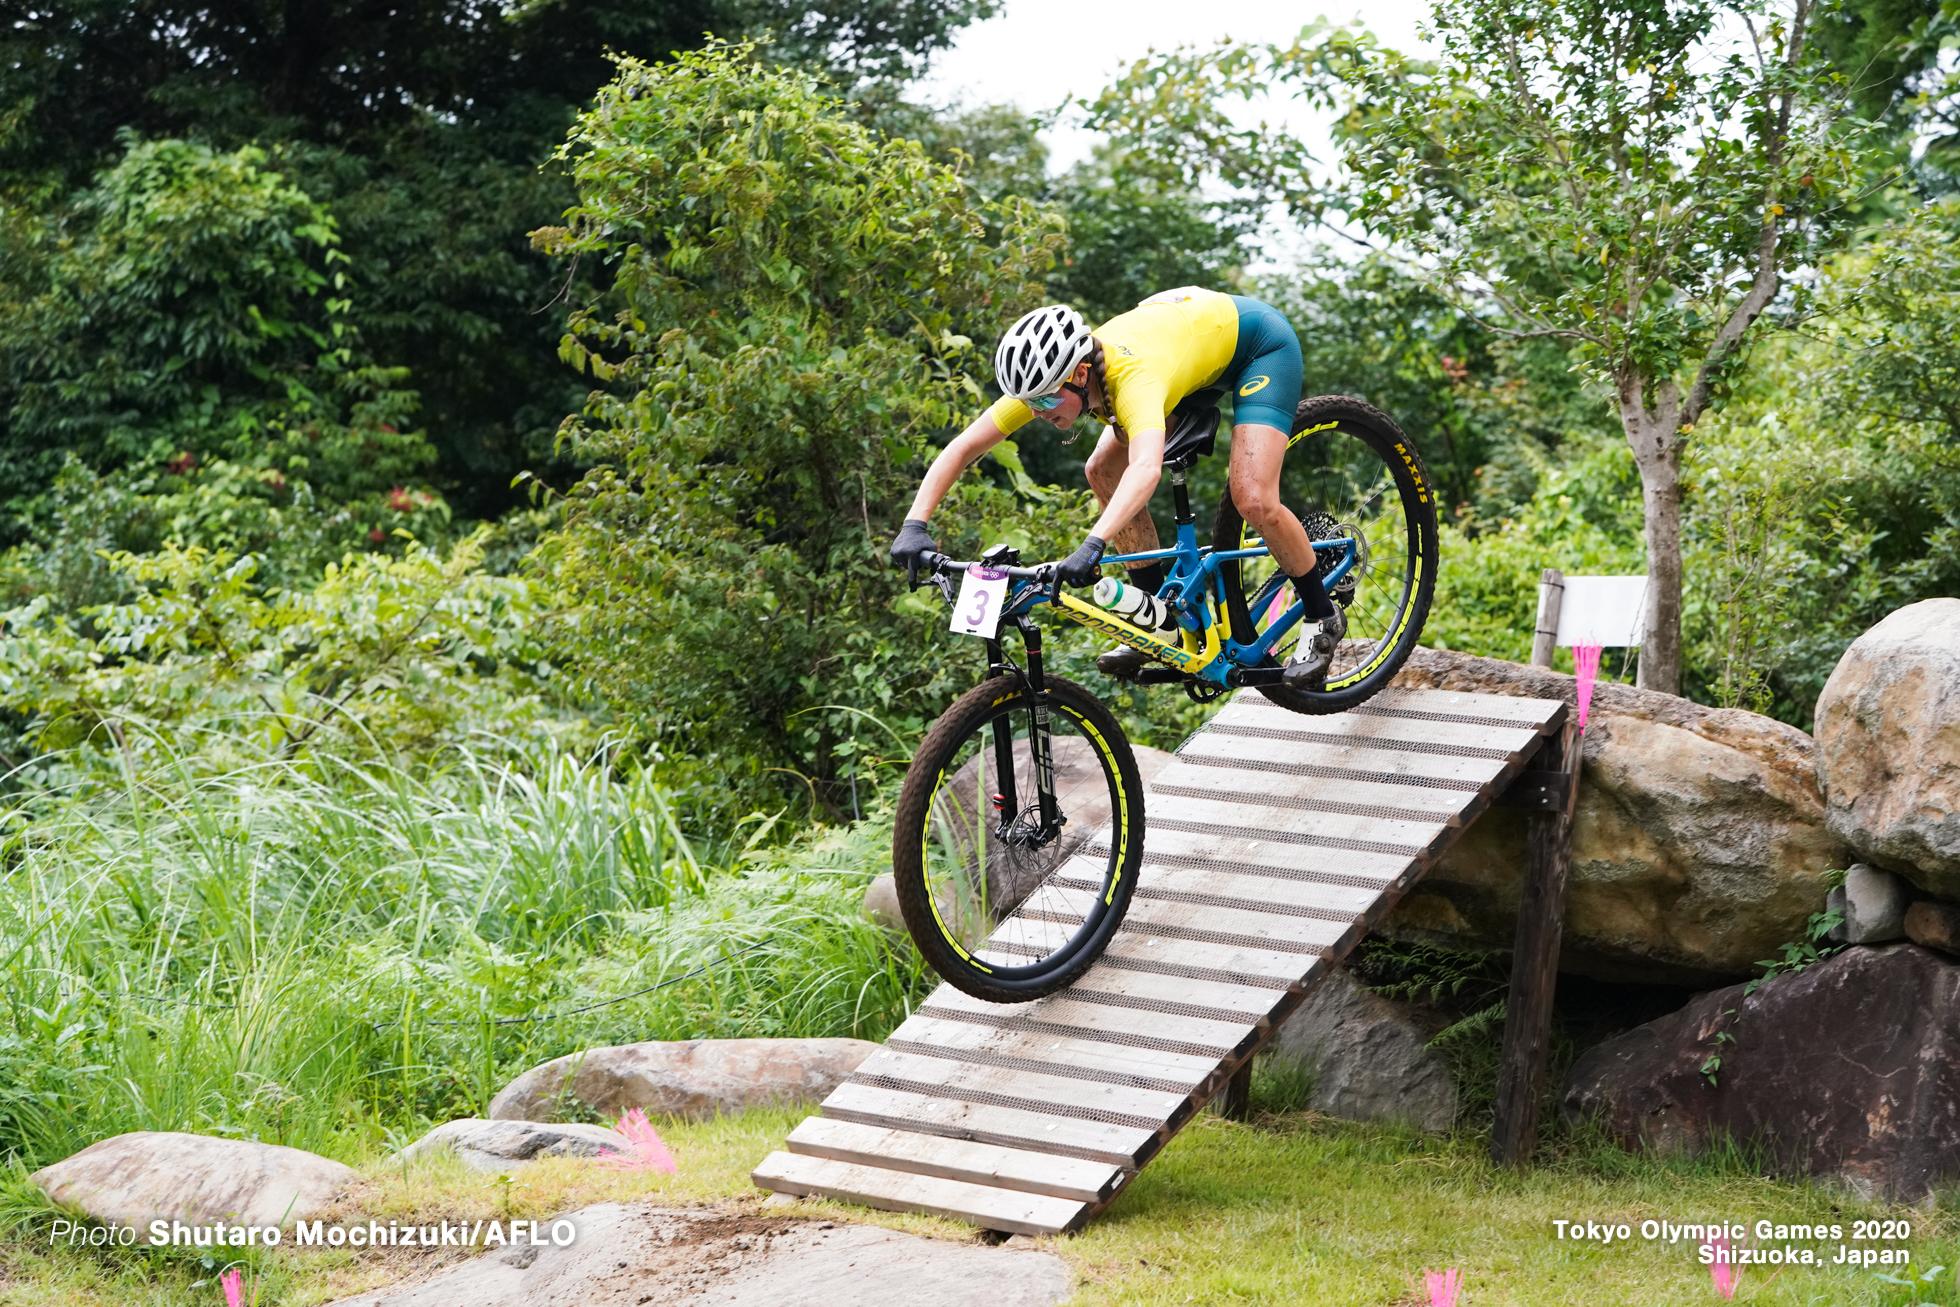 レベッカ・マッコネル Rebecca McConnell (AUS), JULY 27, 2021 - Cycling : Women's Cross-country during the Tokyo 2020 Olympic Games at the Izu MTB Course in Shizuoka, Japan. (Photo by Shutaro Mochizuki/AFLO)